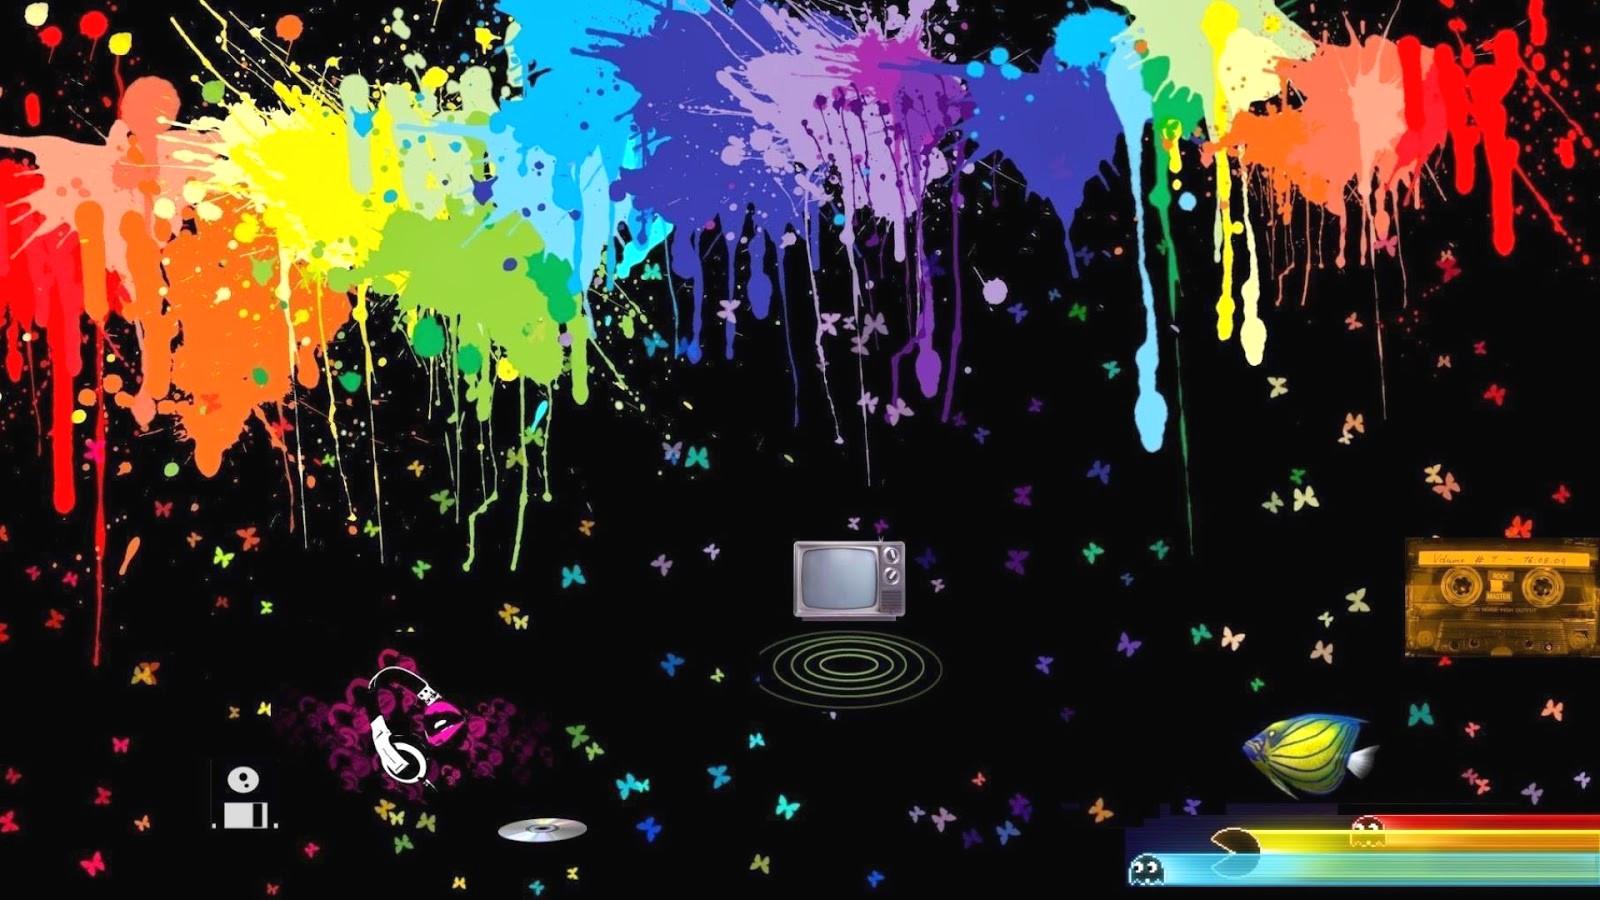 Wallpapers Pc Celular 10 Papel De Parede Con Imagens